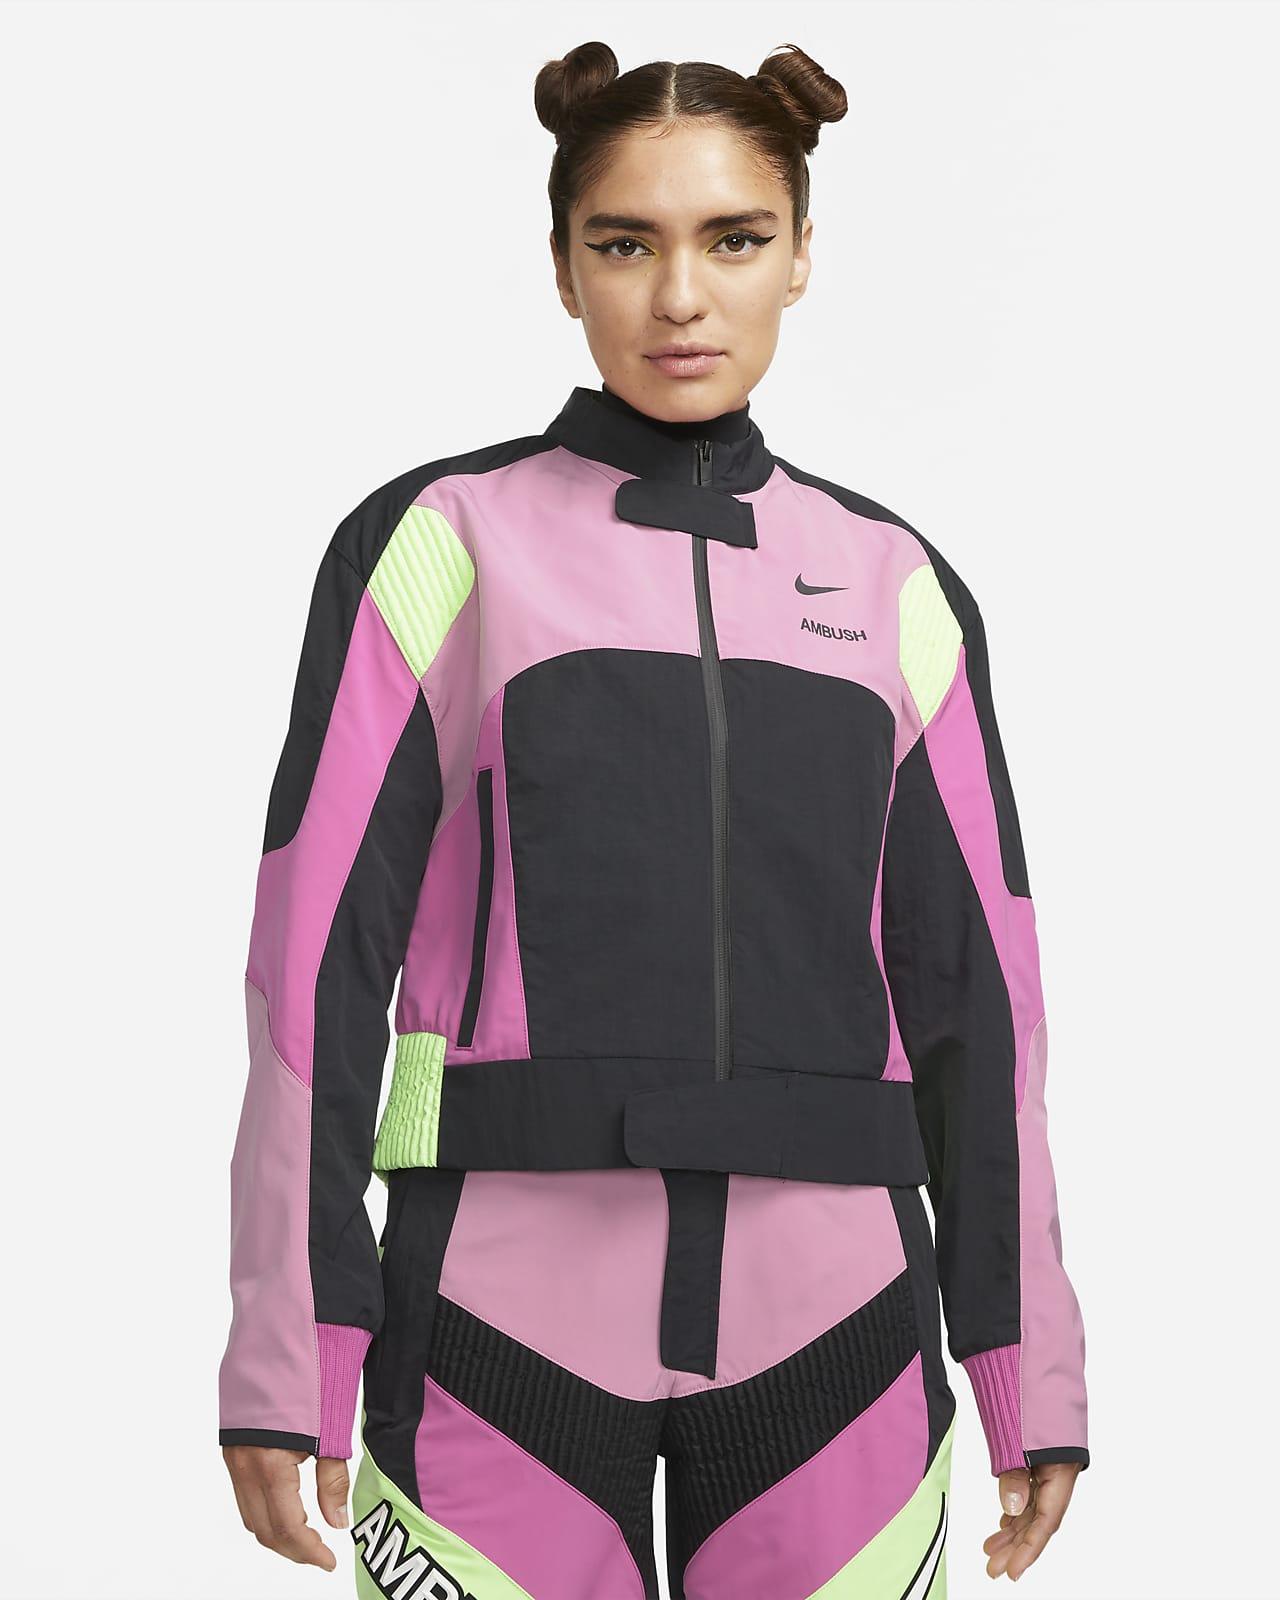 Nike x AMBUSH 男/女机车夹克